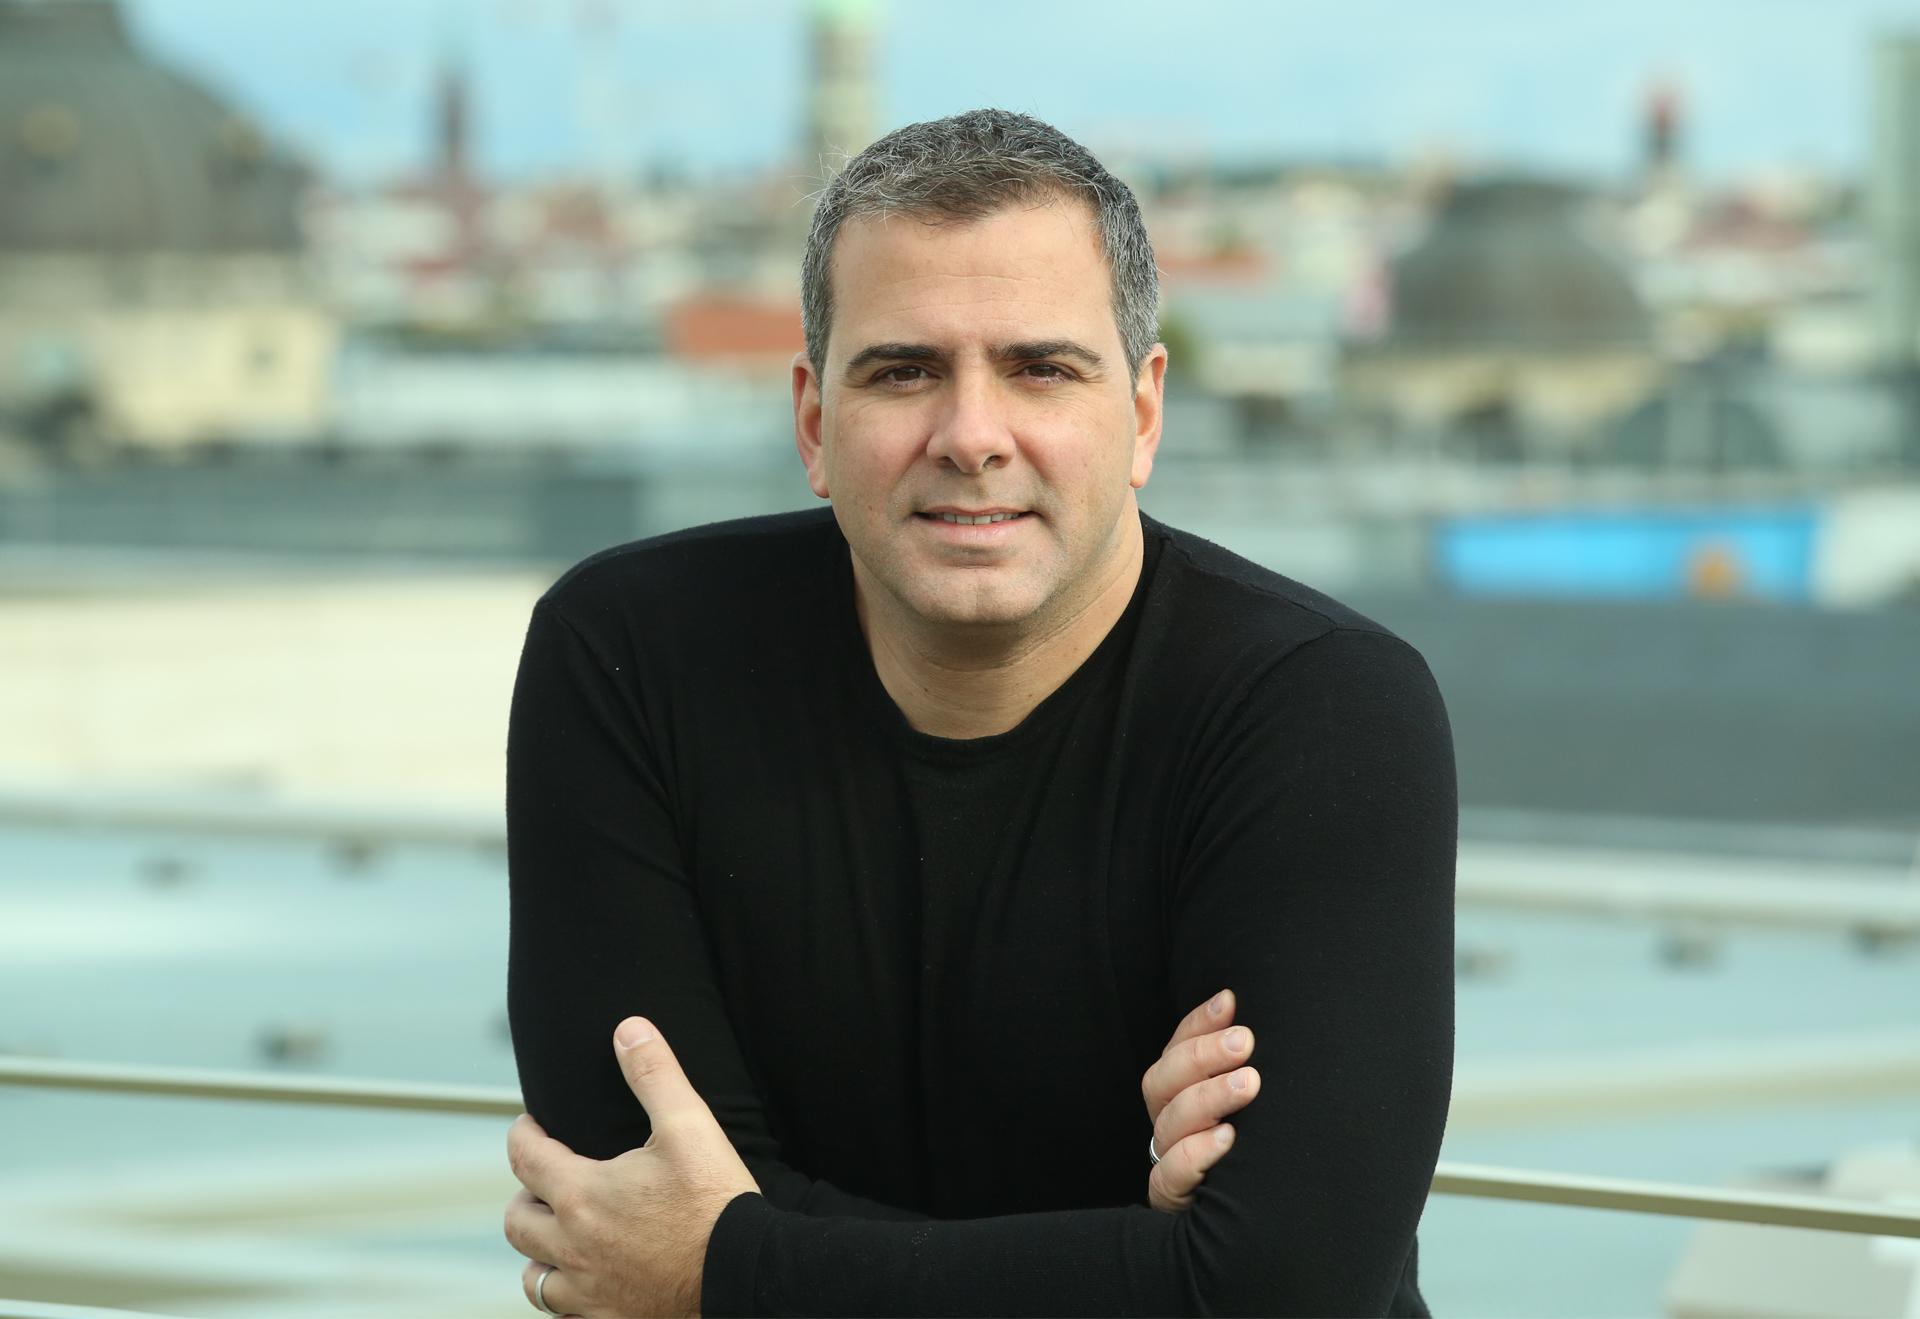 Livros:  Rodrigo N. Alvarez lança O Primeiro Imortal. Com mais de 800 mil livros vendidos, o jornalista estreia na ficção com um thriller sobre a origem e o destino da humanidade